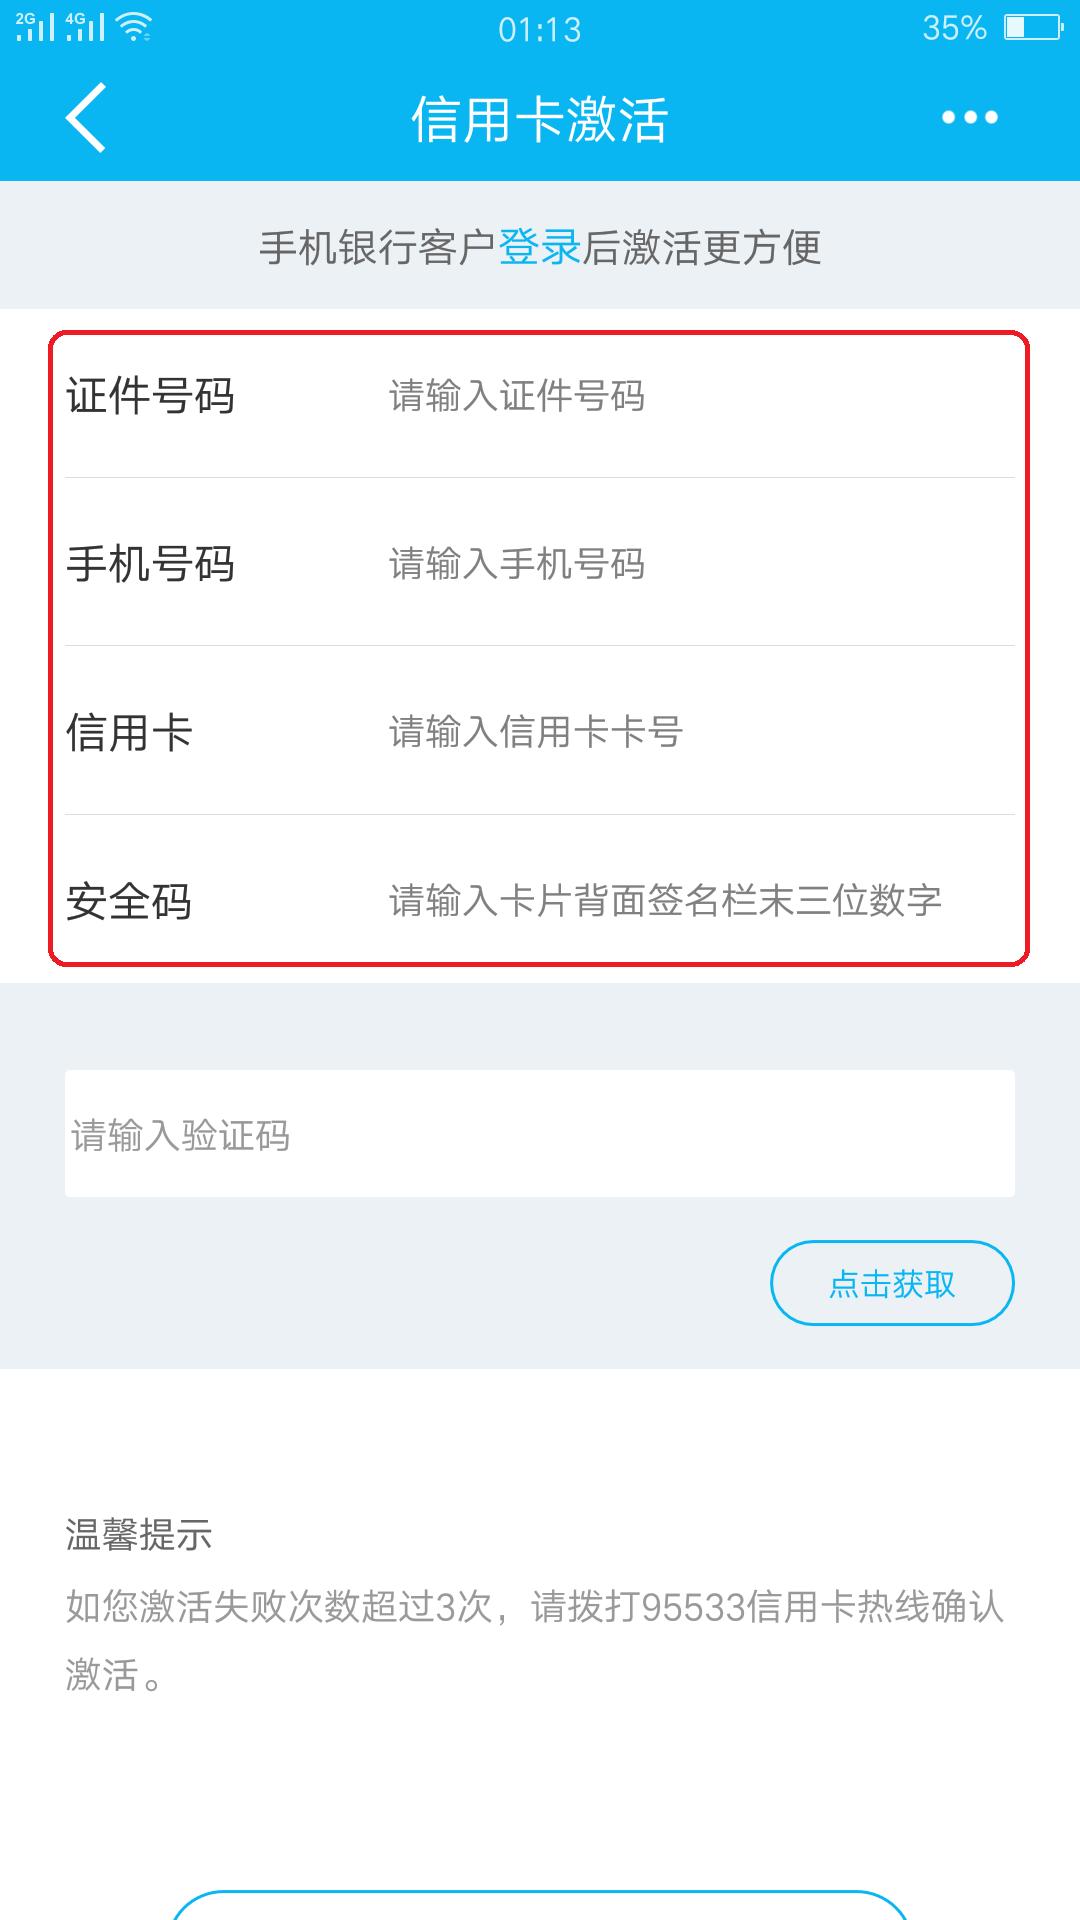 南京银行银行卡激活_建设银行卡可以在手机上激活吗_百度知道